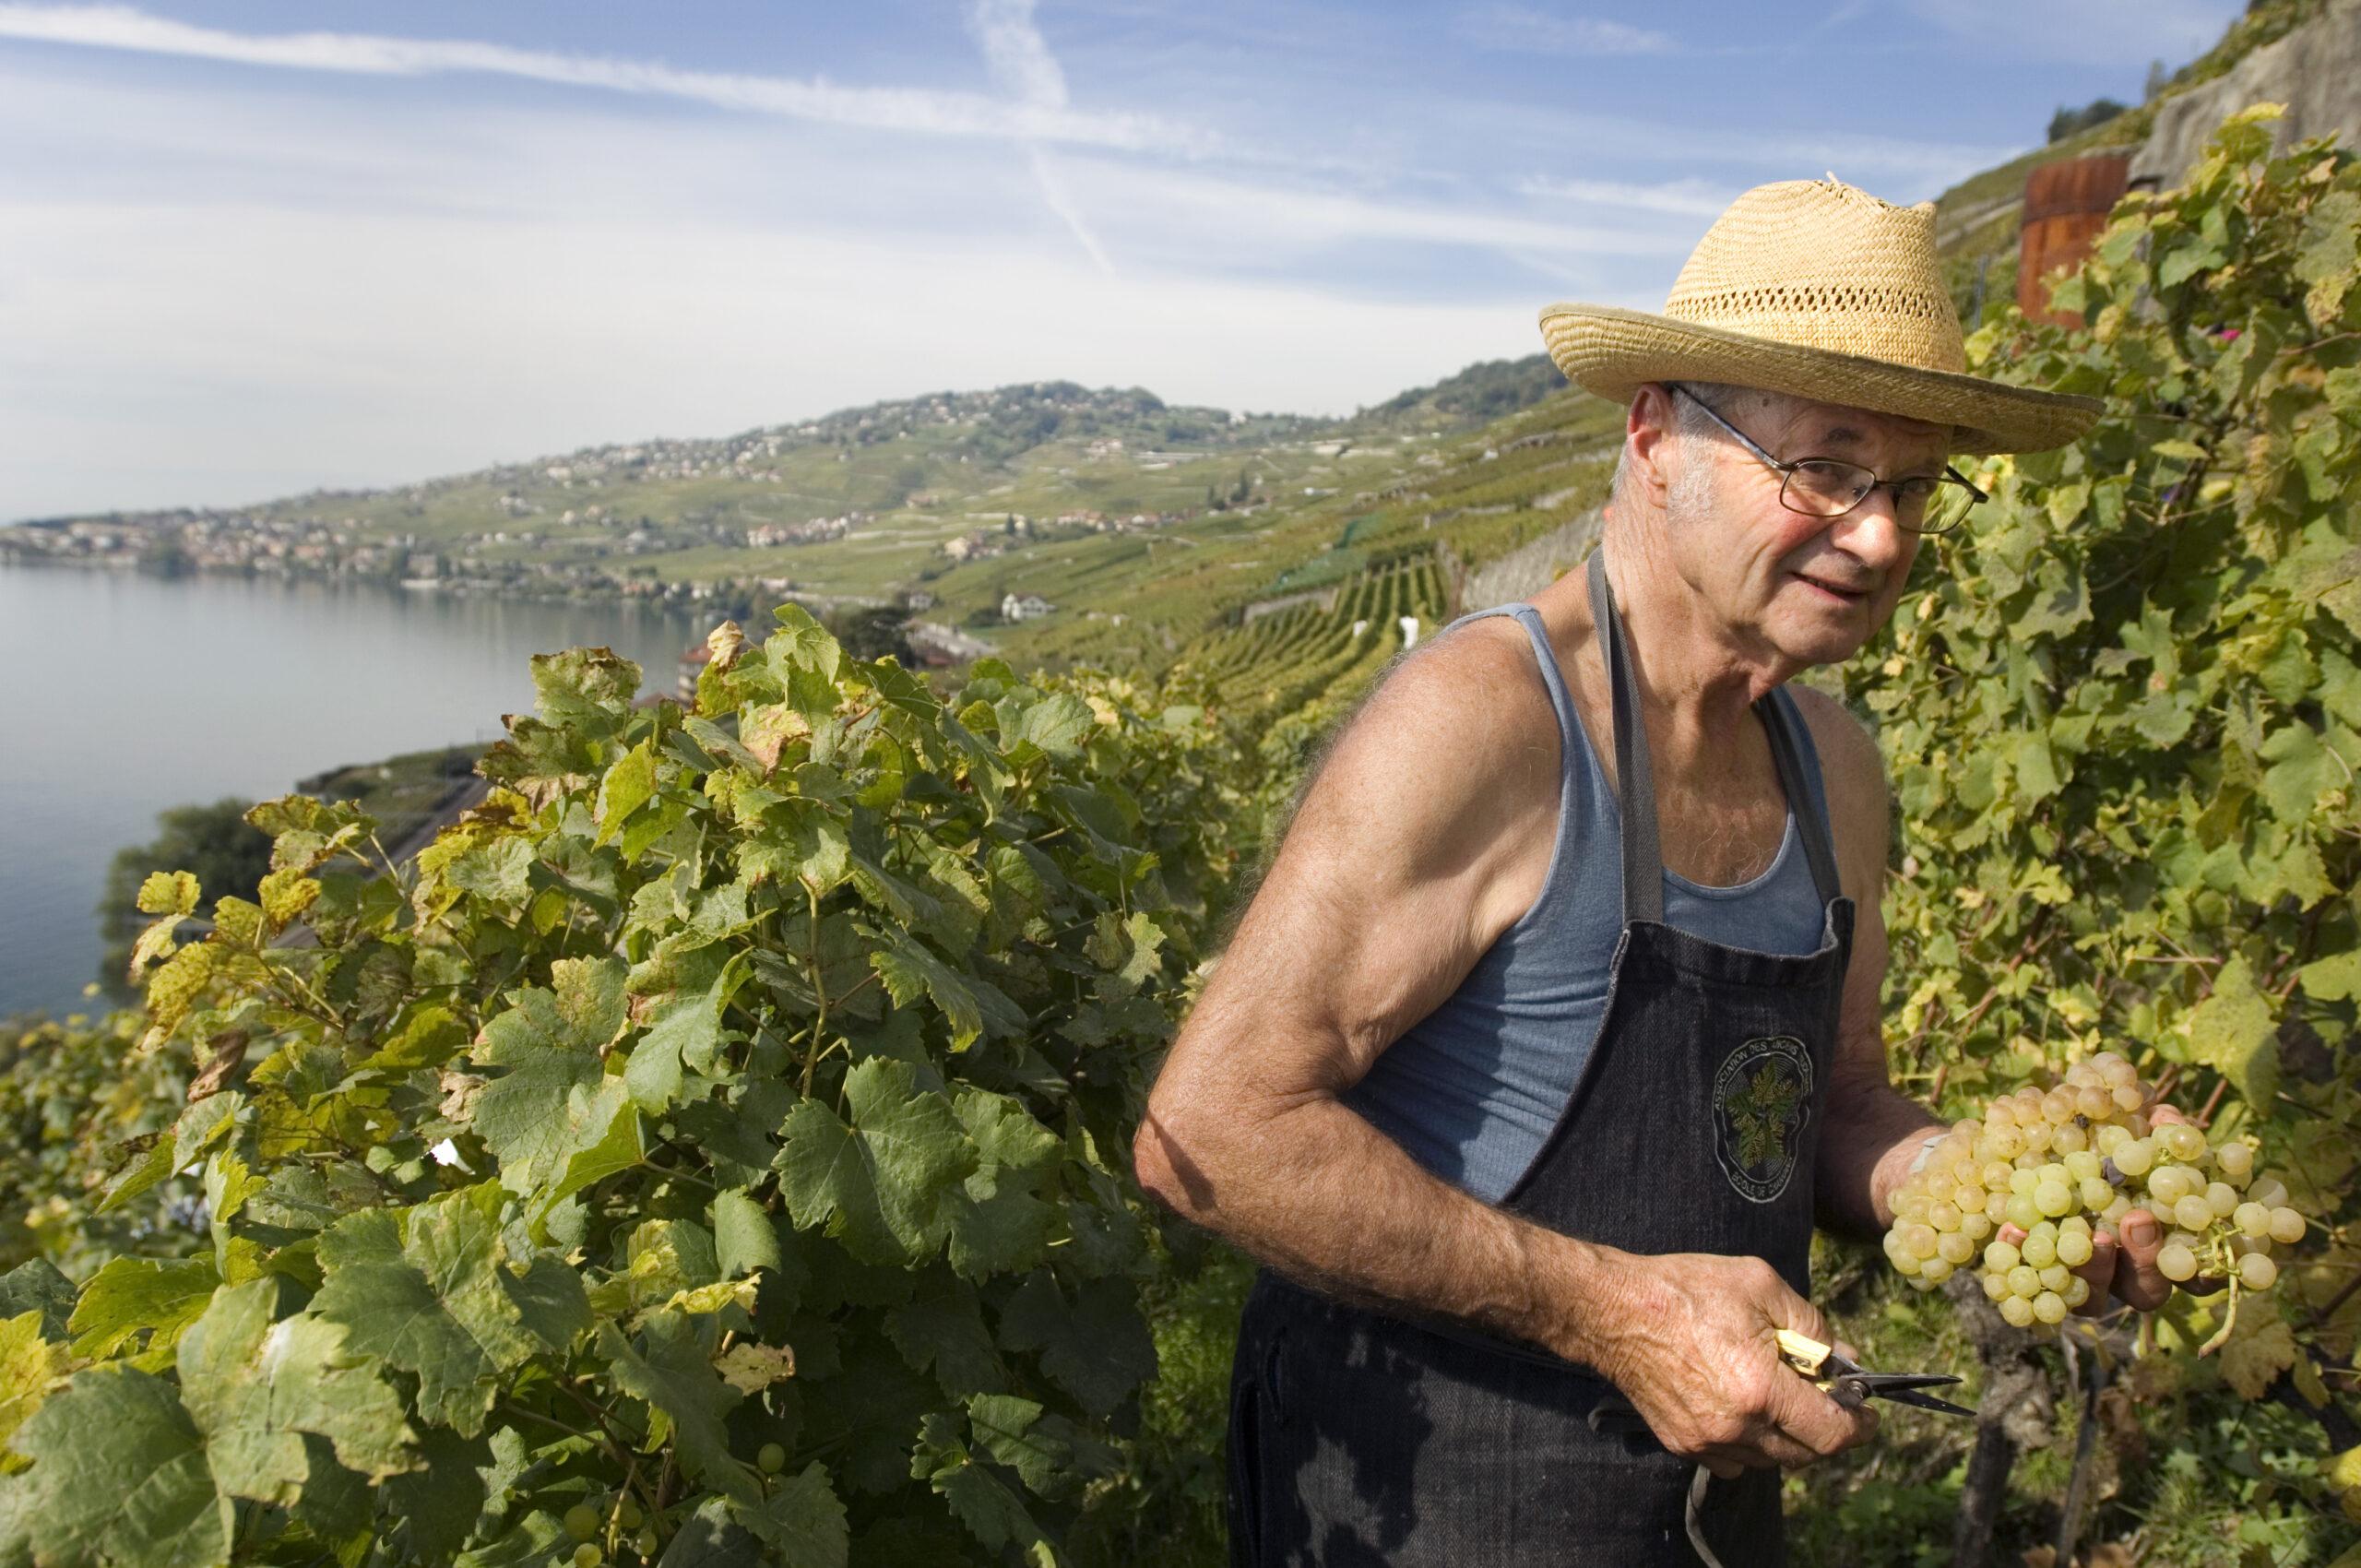 Colhendo uvas